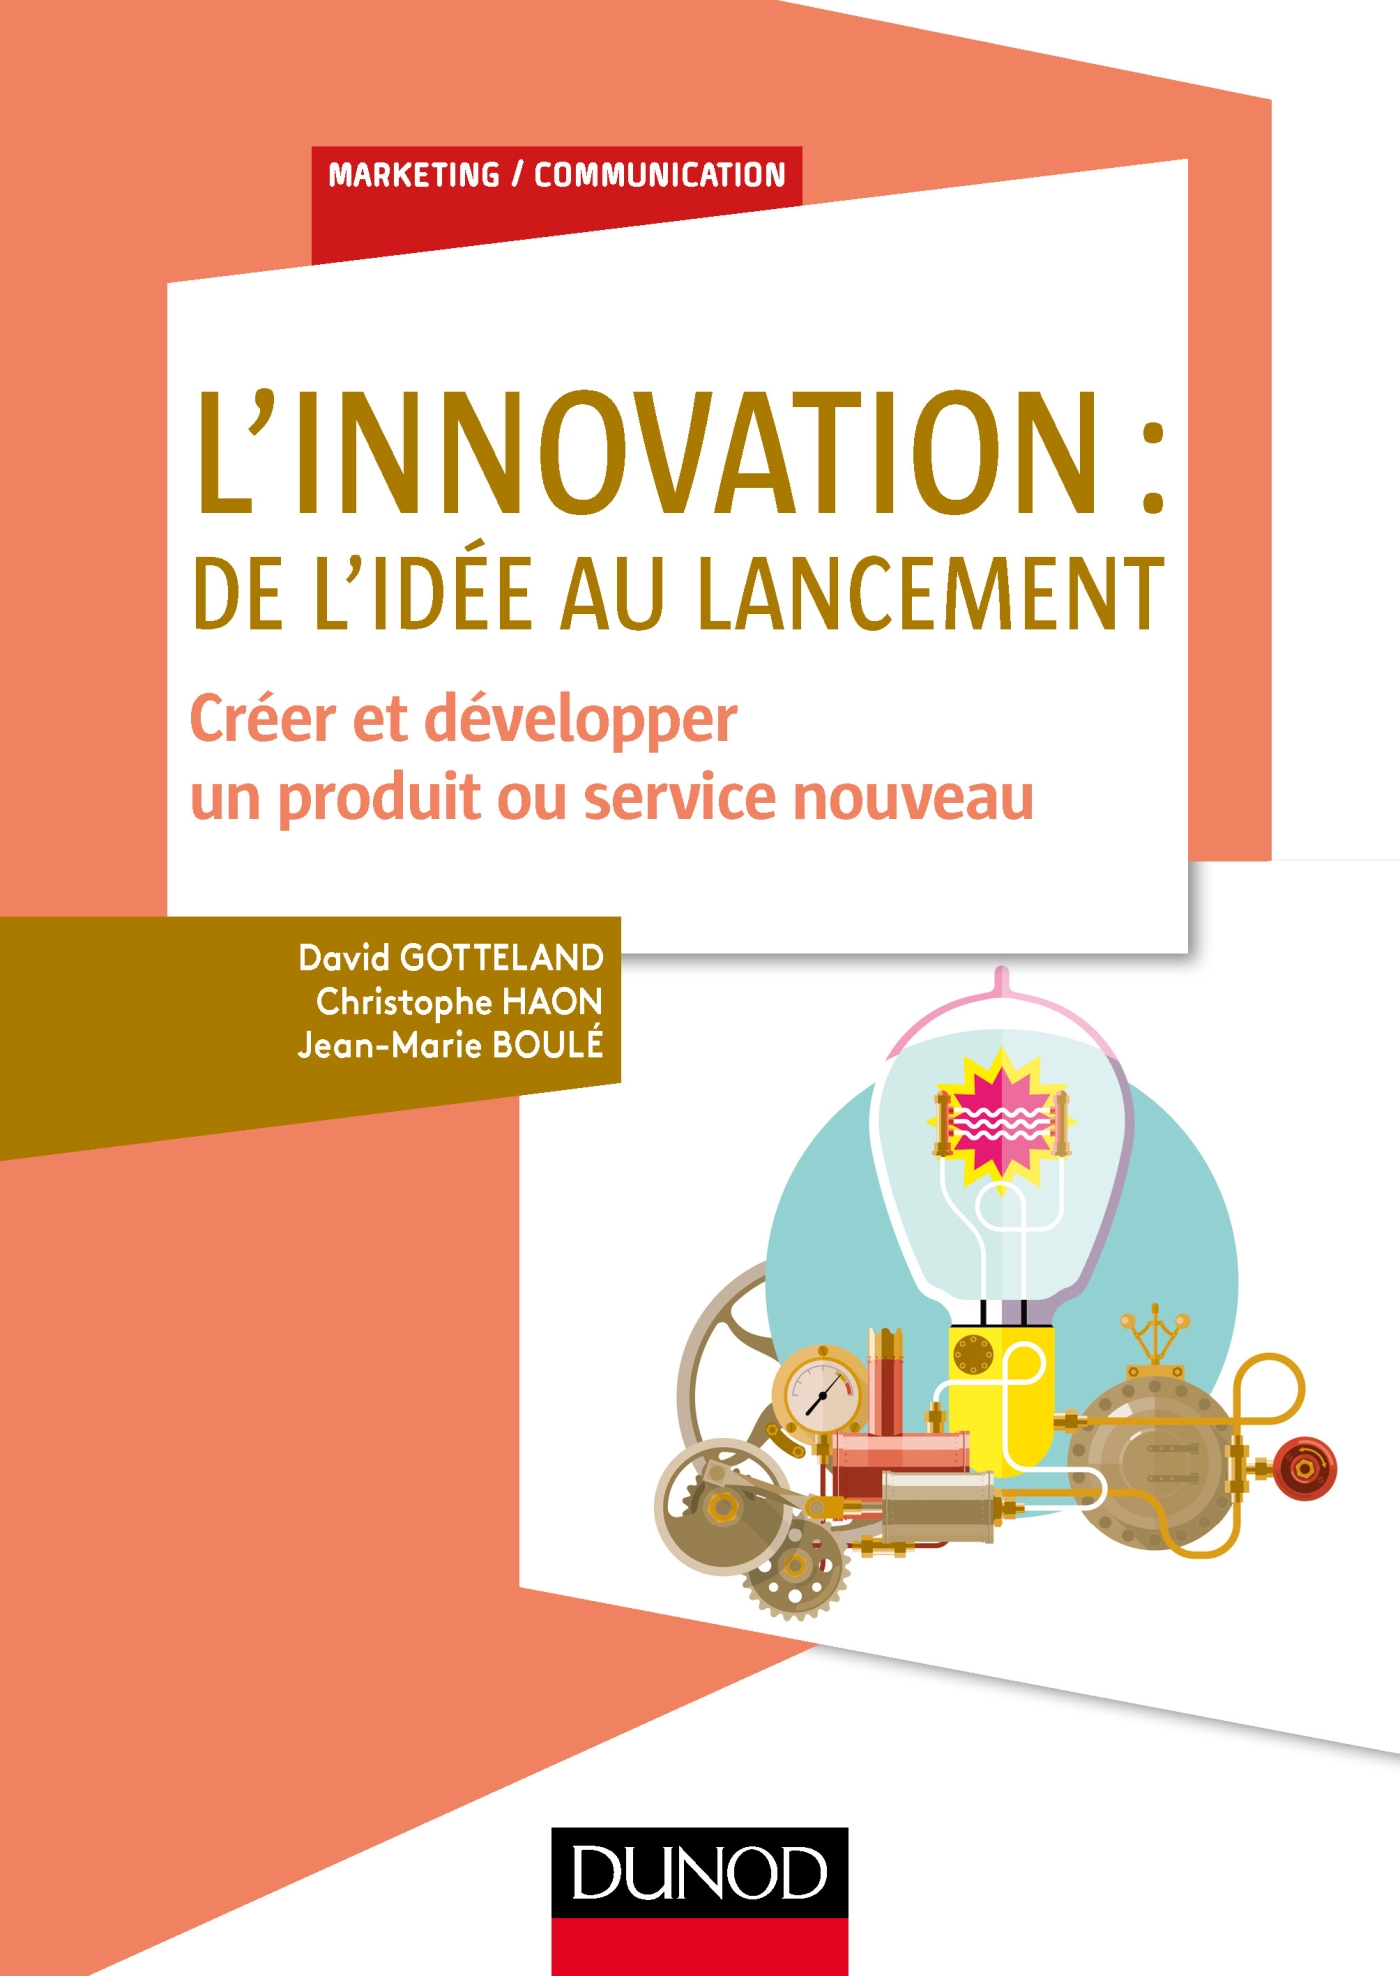 L'innovation : de l'idée au lancement